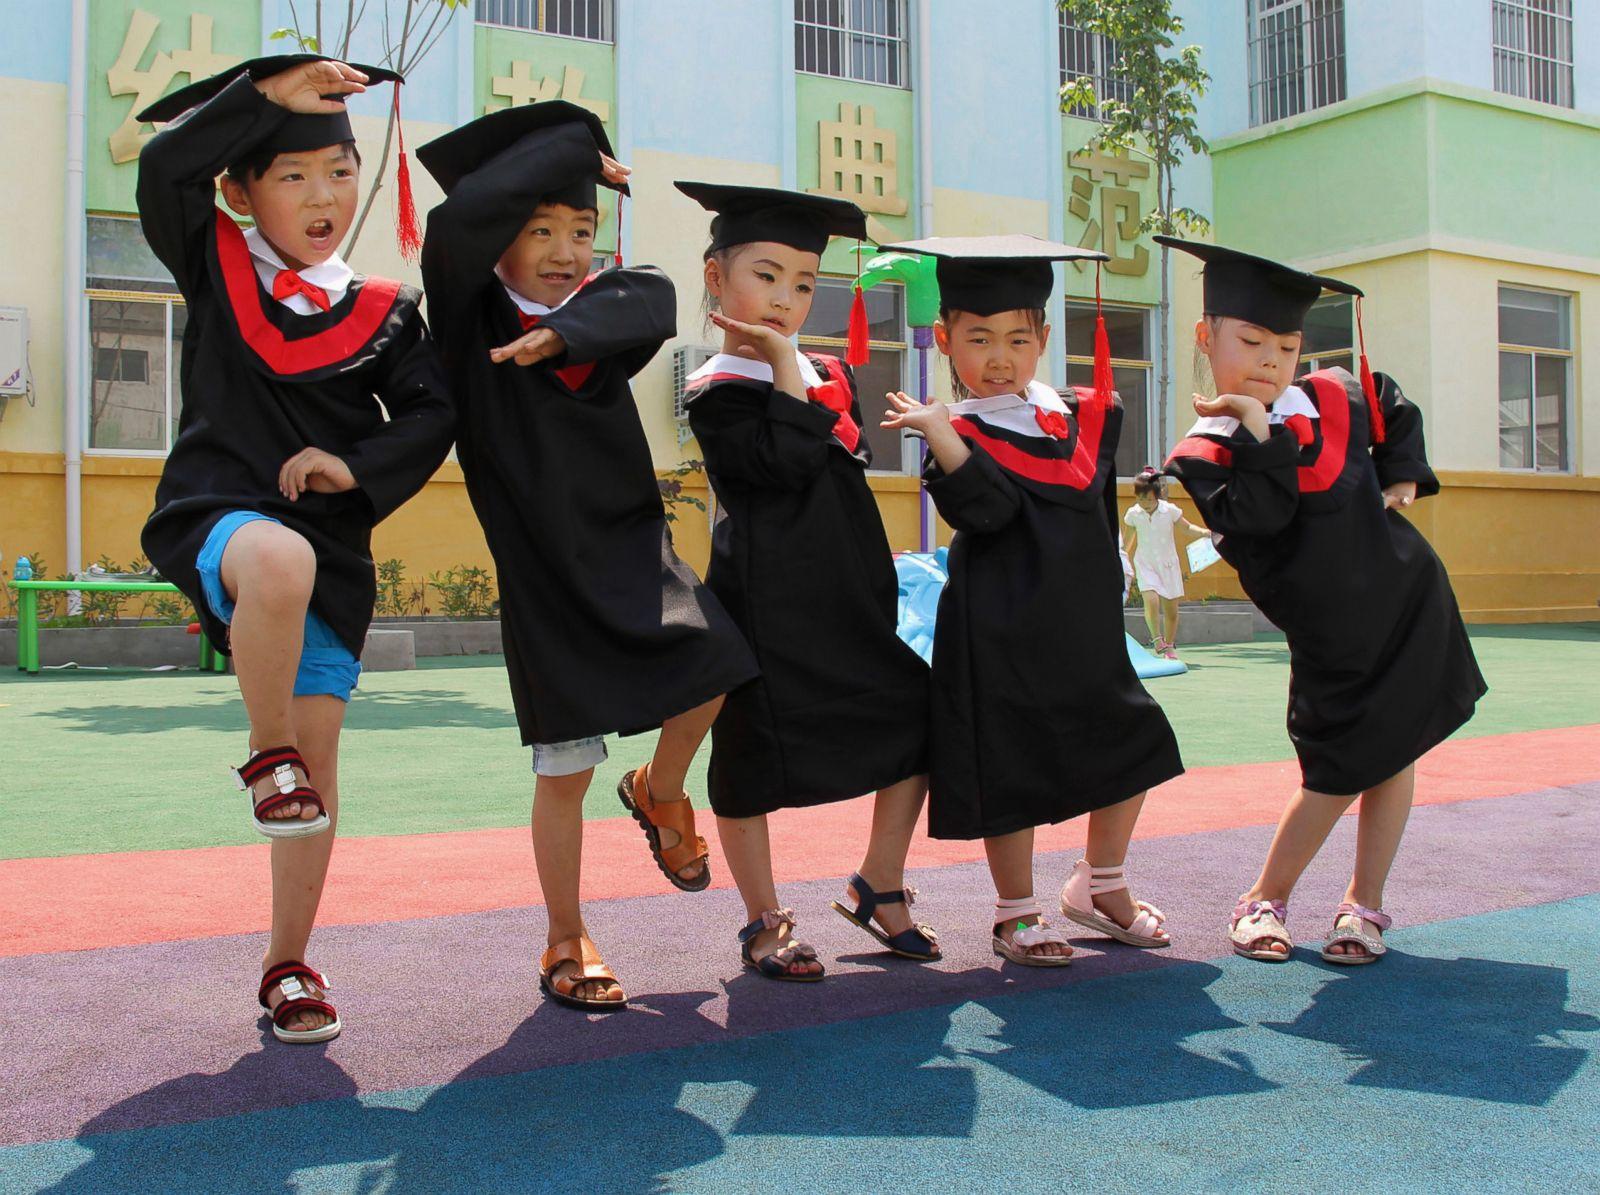 Cap and gown for kindergarten - Cap And Gown For Kindergarten 22